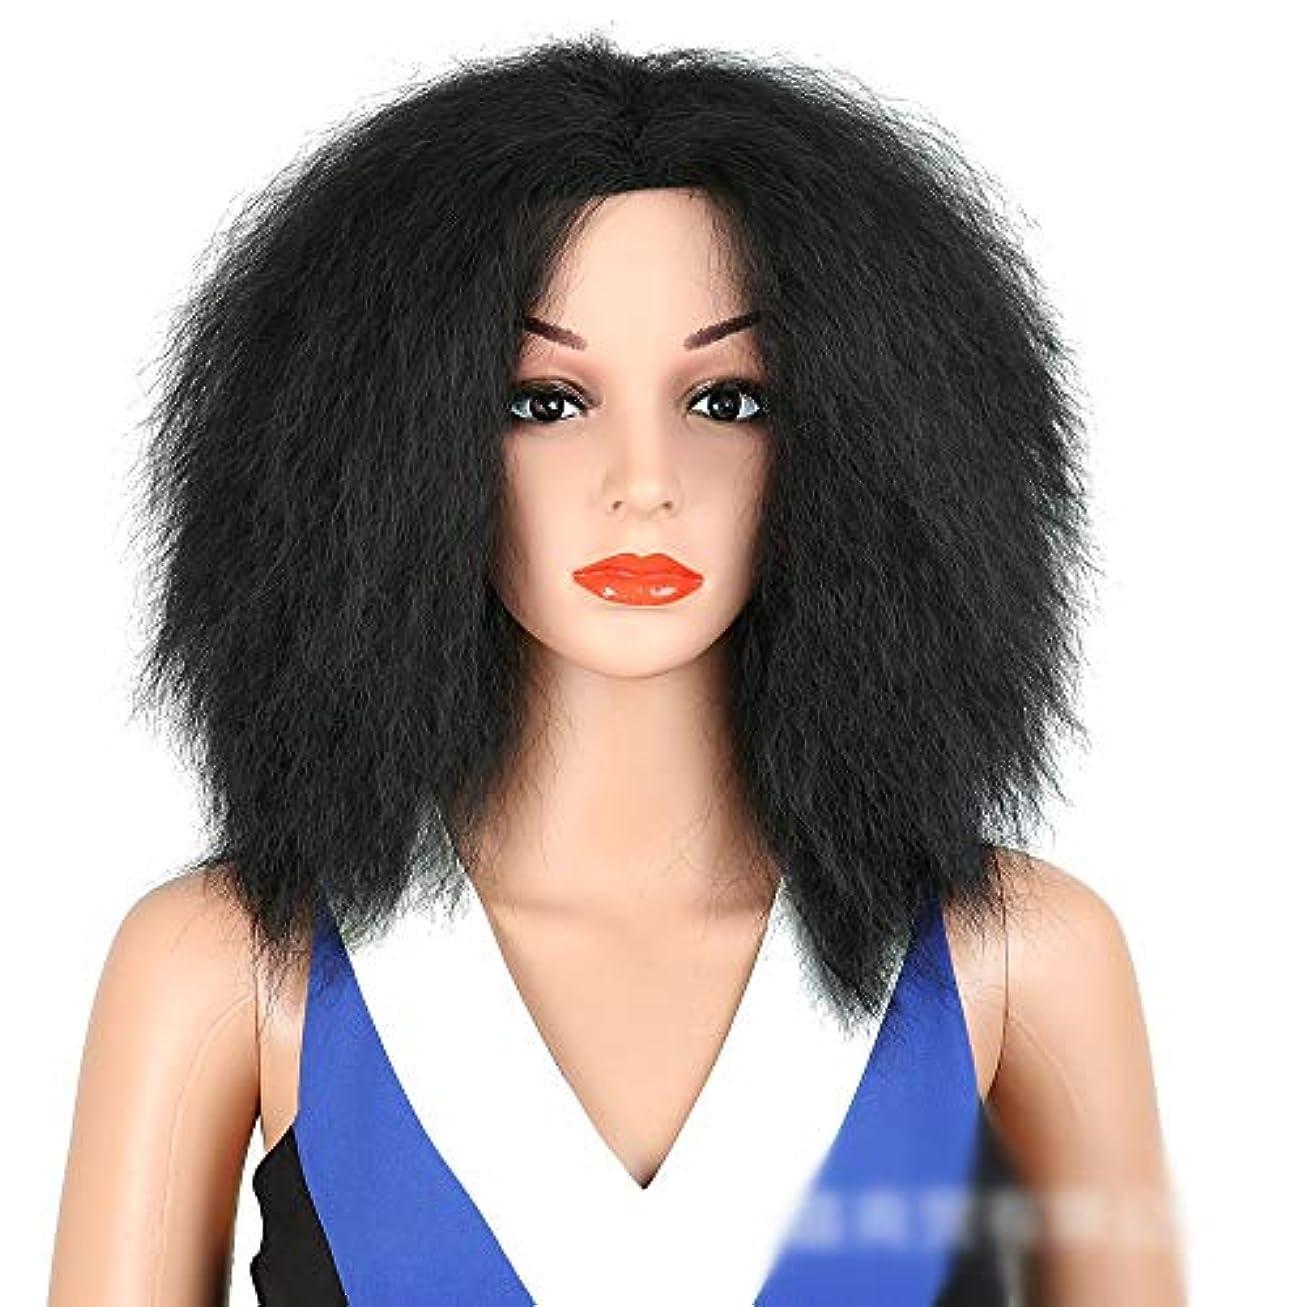 ビームよく話されるのぞき穴WASAIO アフロ変態ストレートヘア黒耐熱合成ミドルアクセサリースタイル交換用繊維パーツふわふわかつら女性 (色 : 黒)